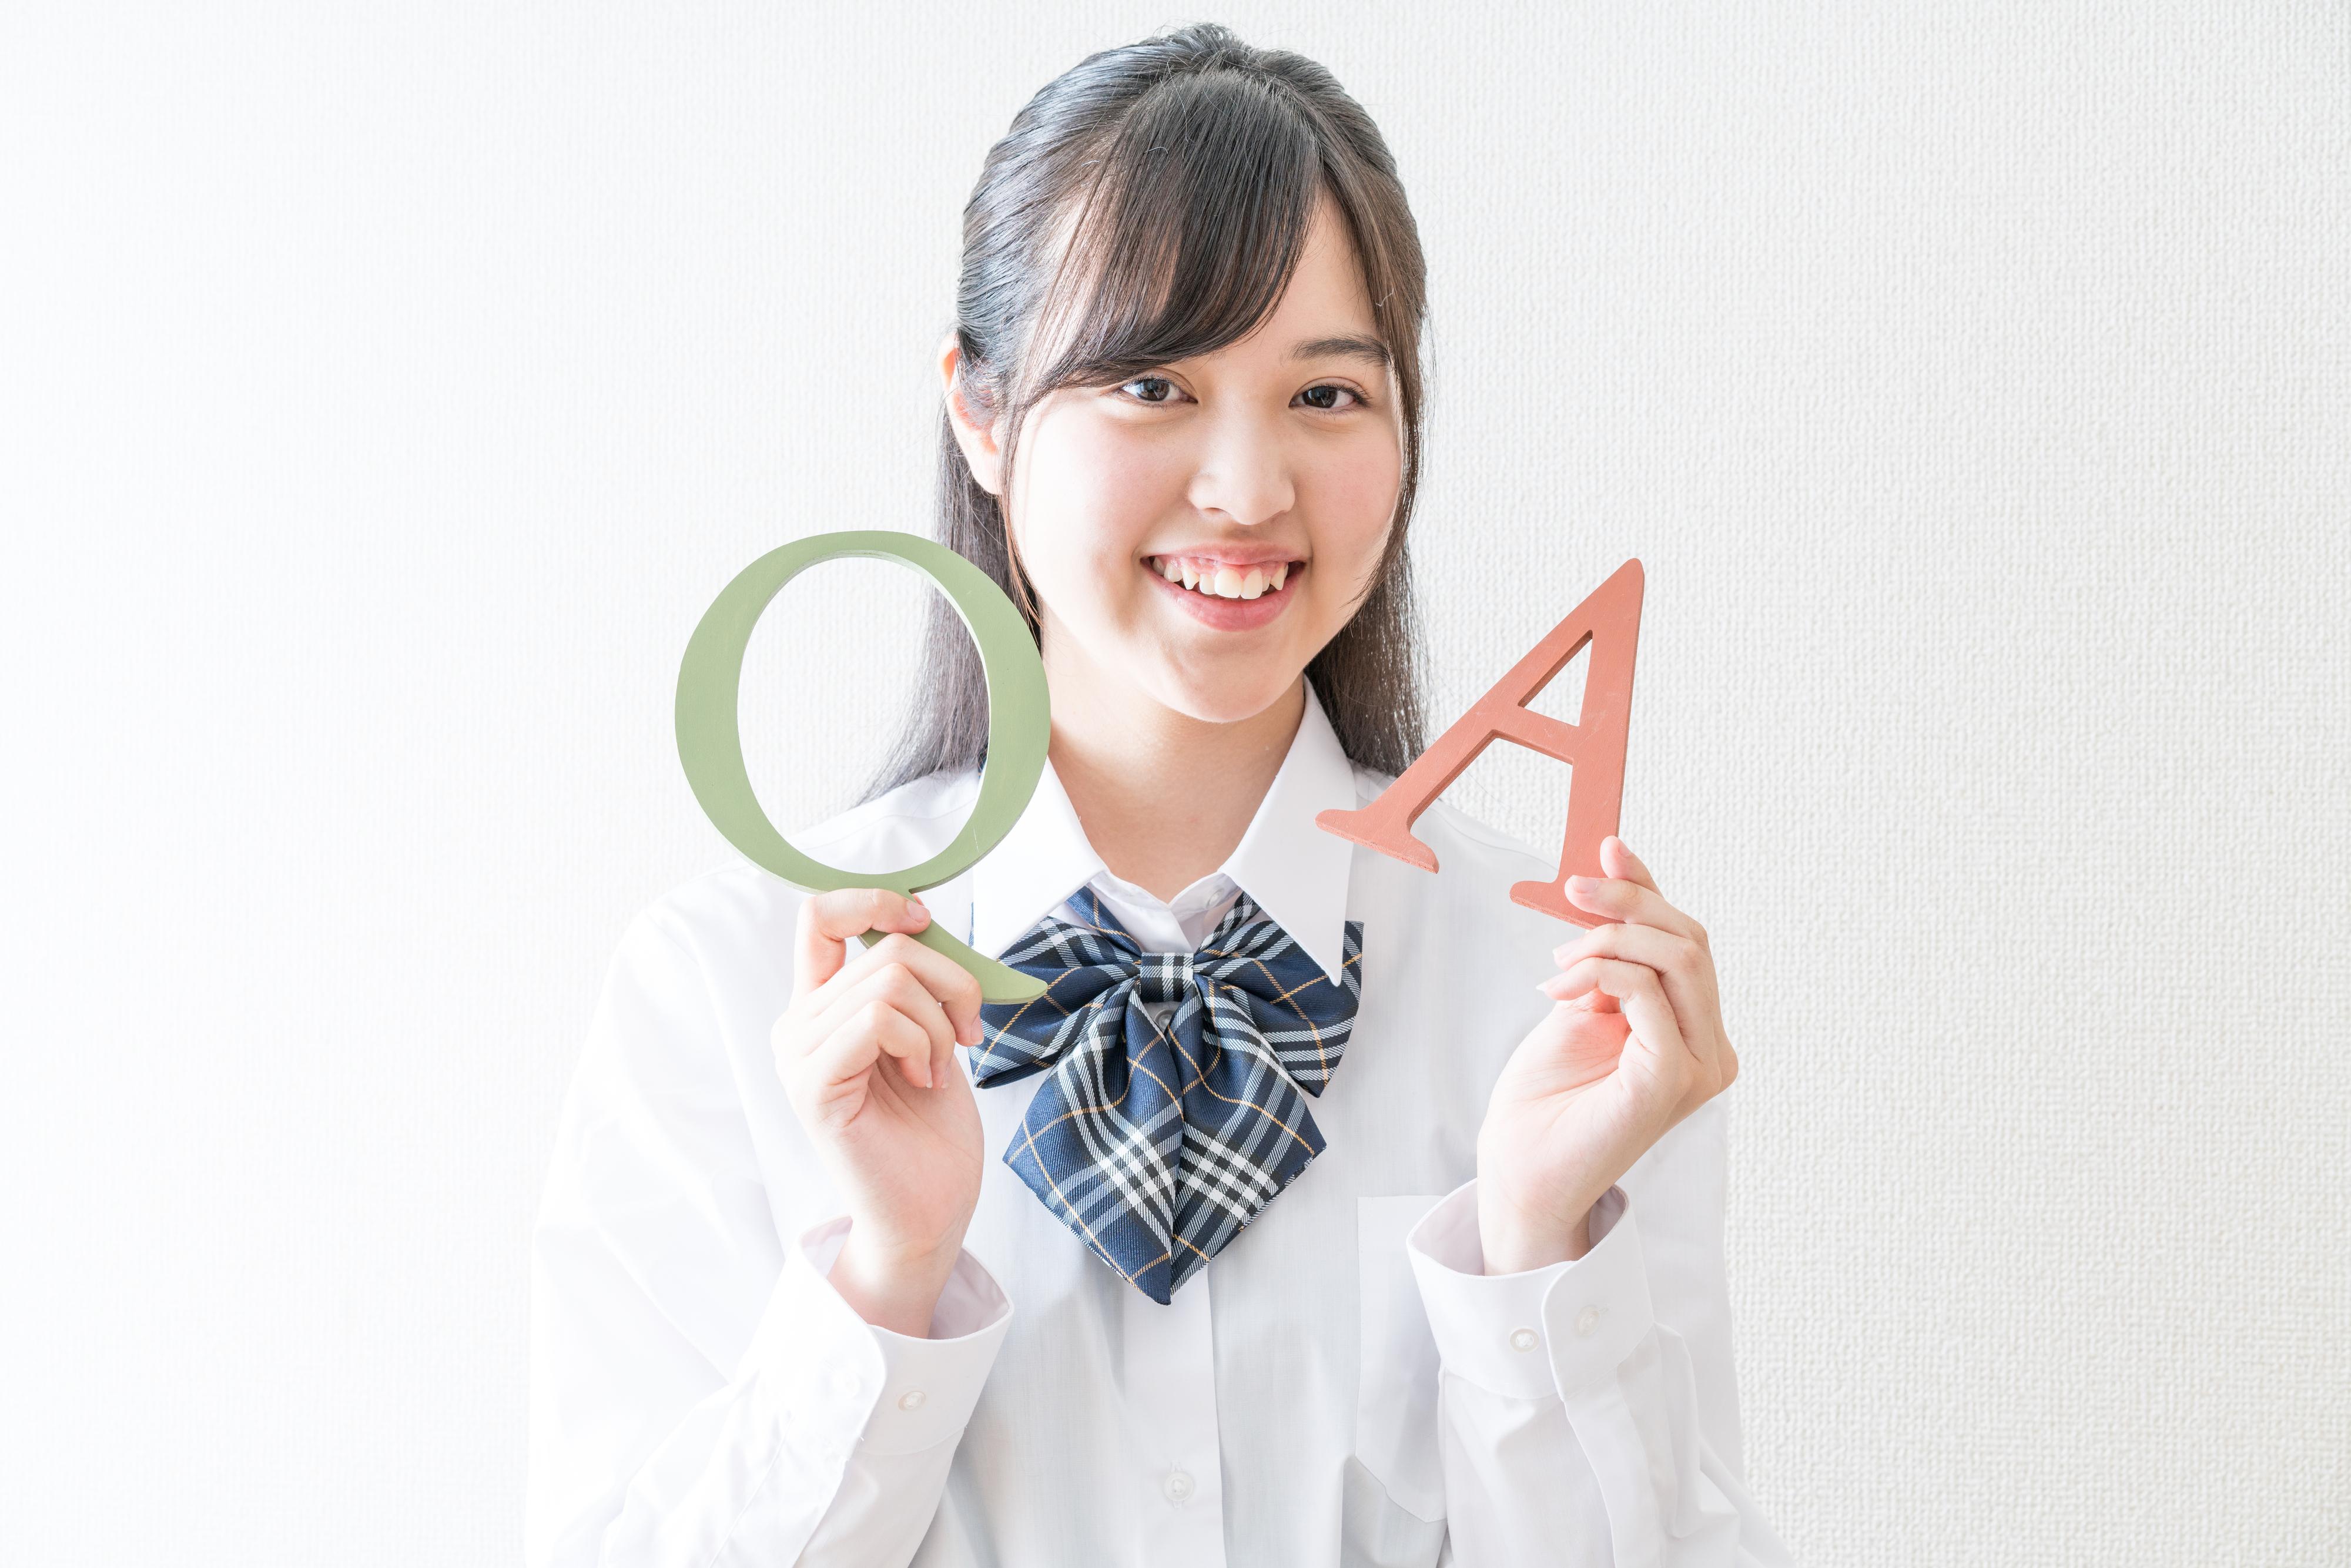 精華学園高等学校 東京ボイス校:FAQ